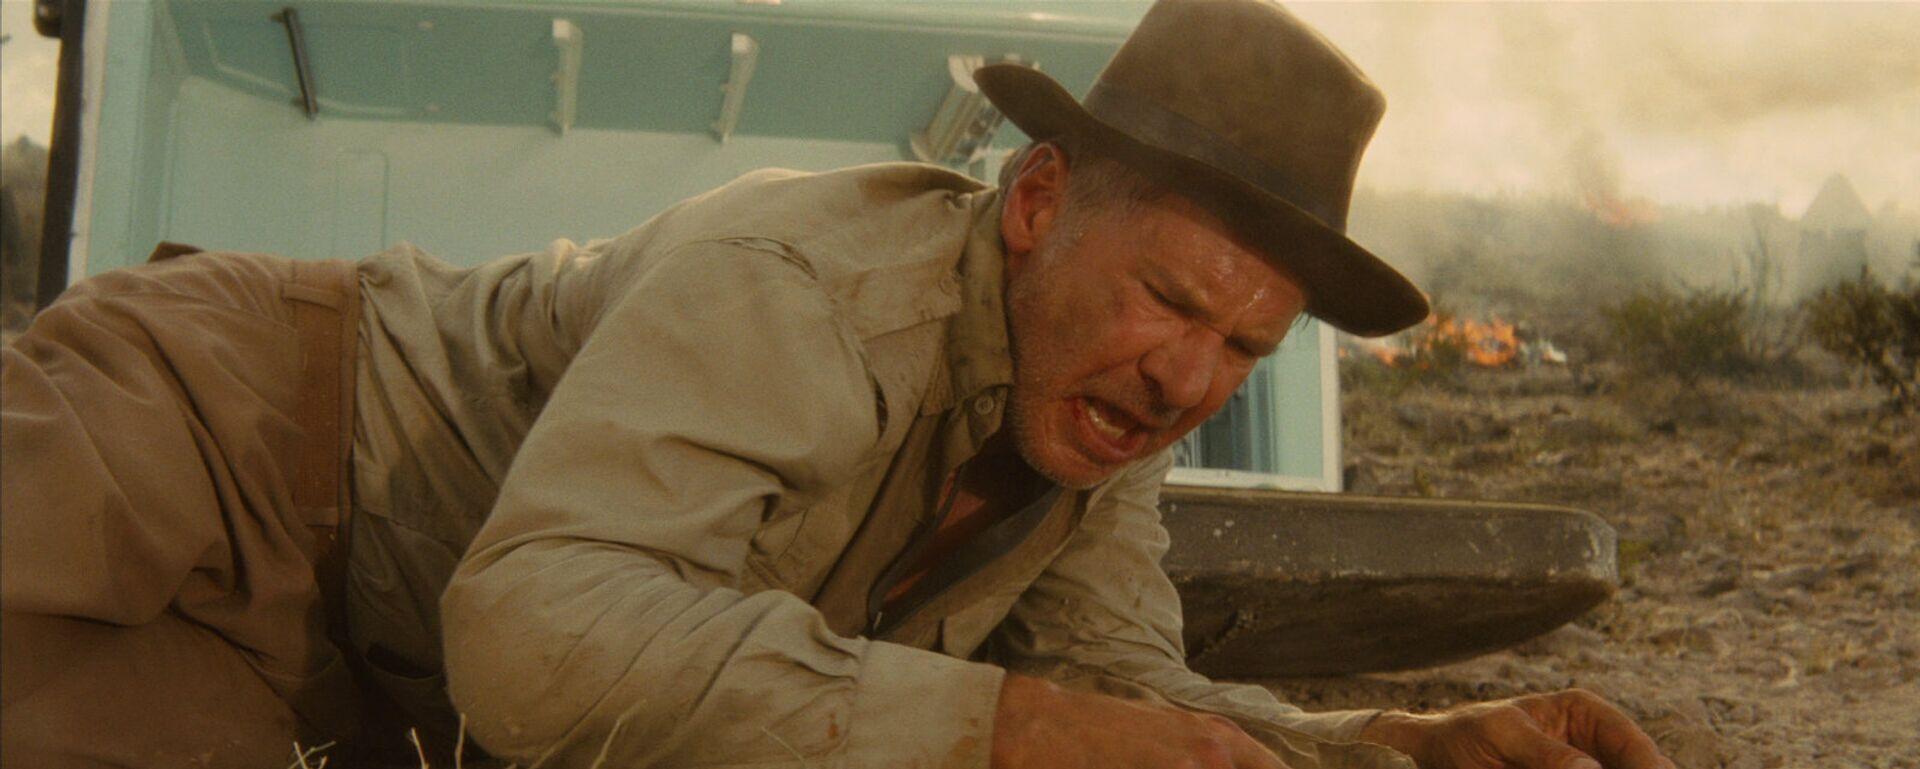 Indiana Jones - Sputnik Mundo, 1920, 11.07.2020